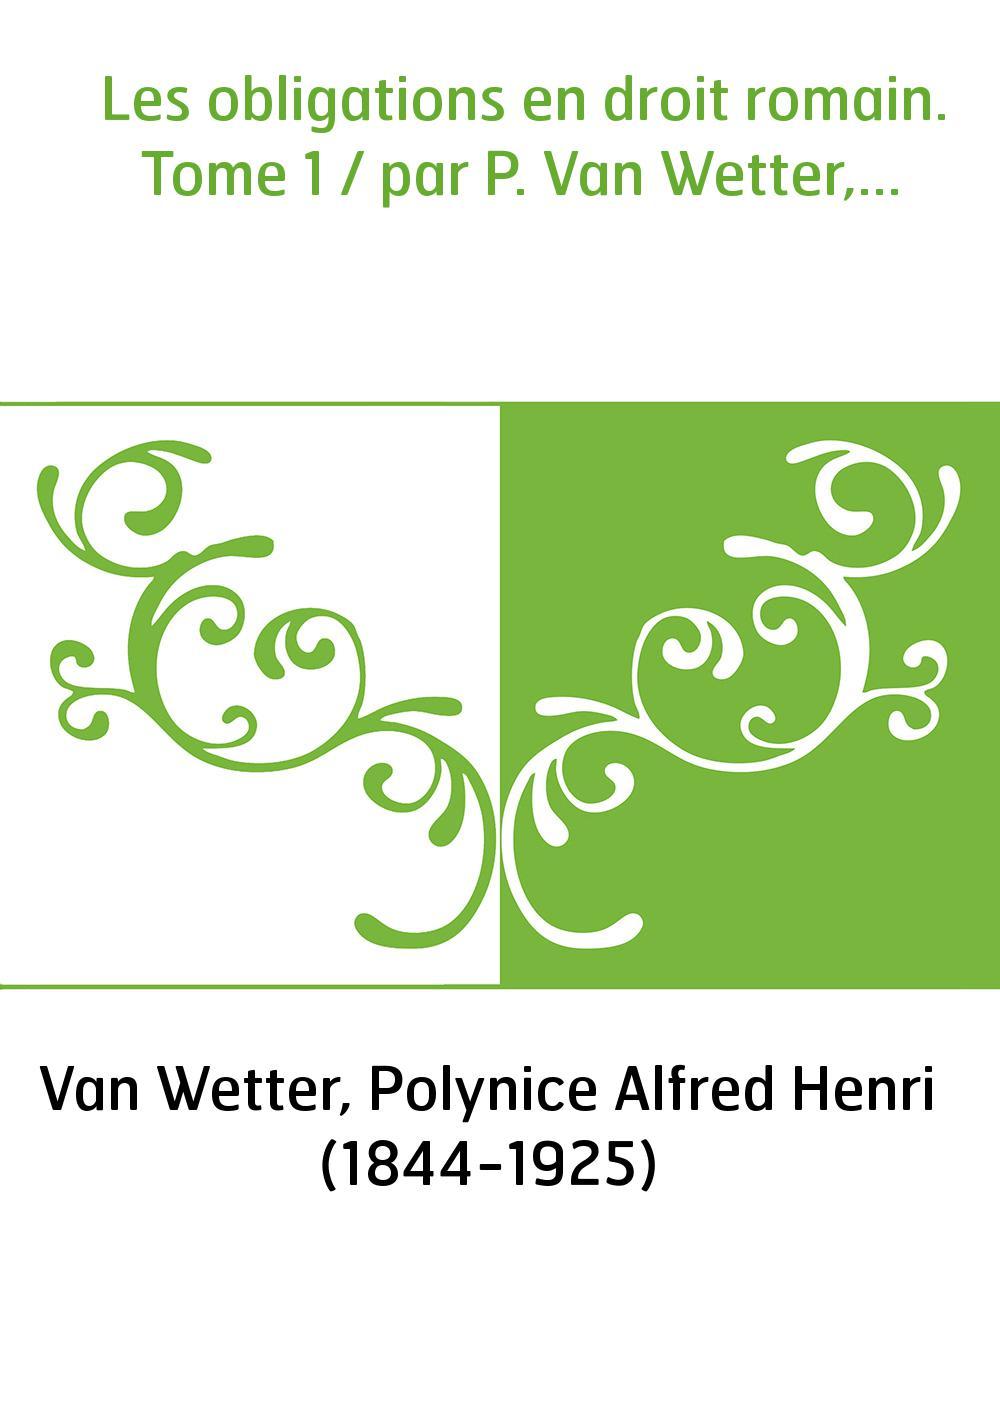 Les obligations en droit romain. Tome 1 / par P. Van Wetter,...